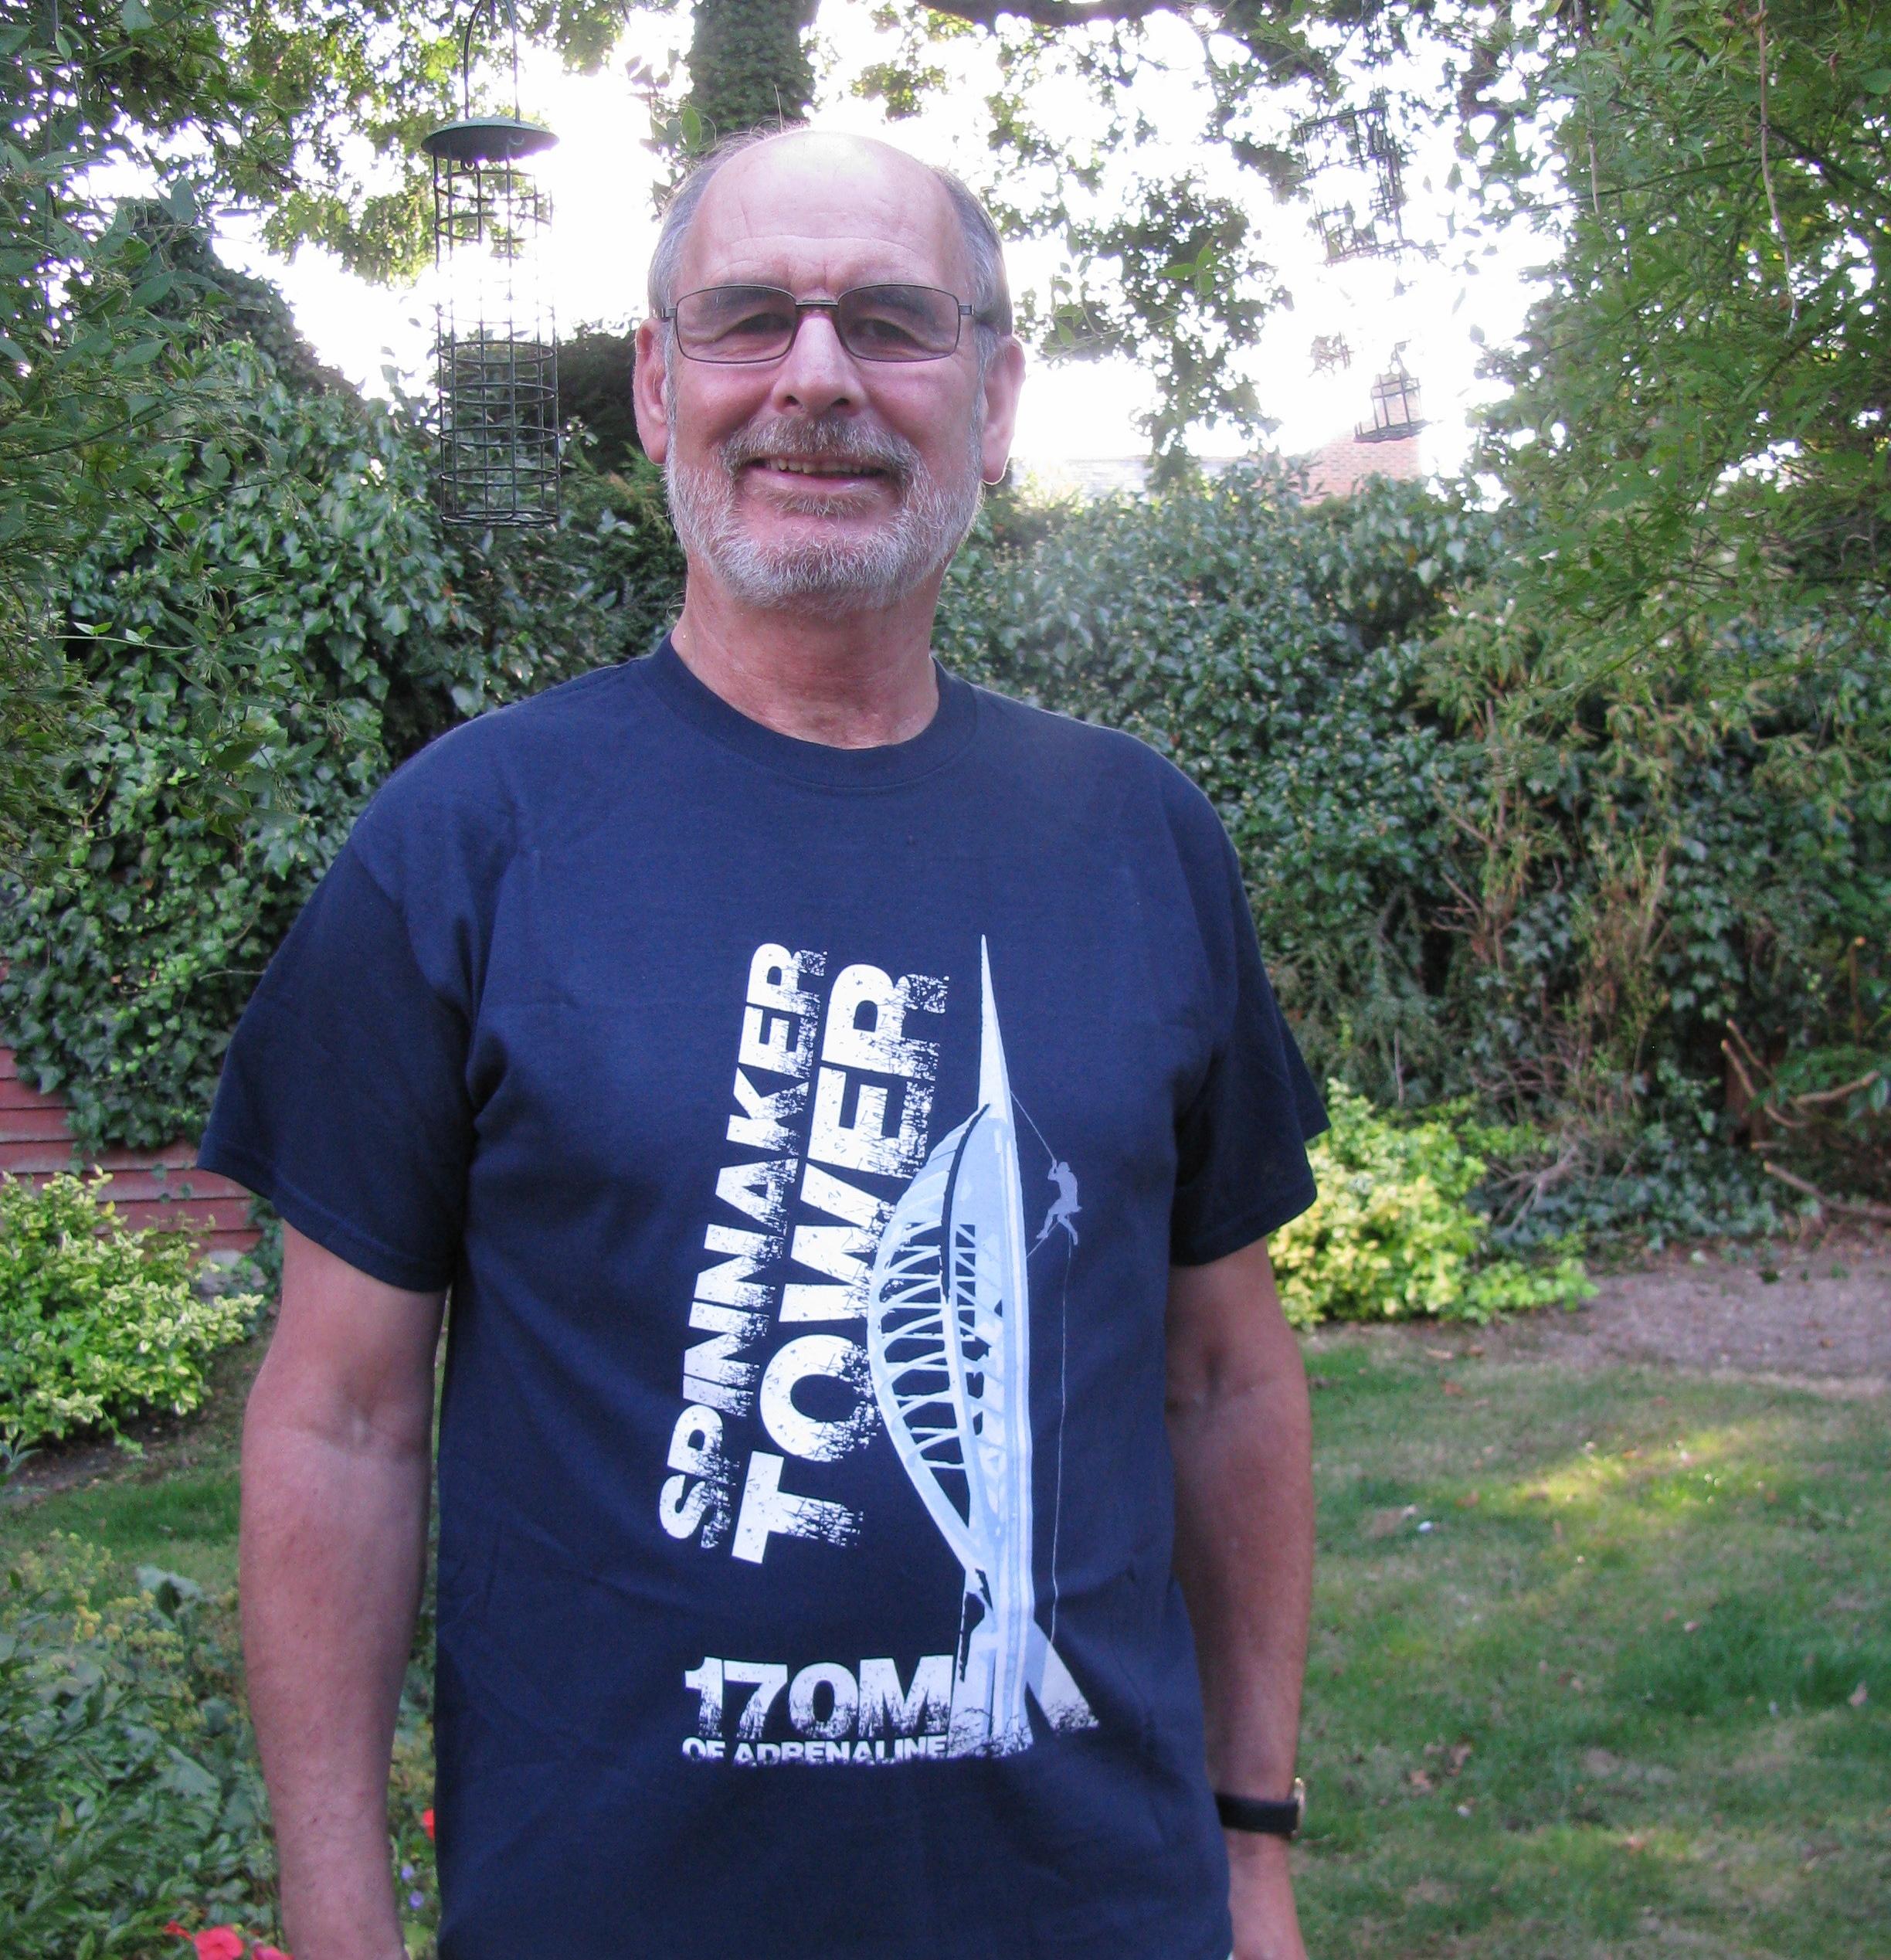 Rob Hoole abseil Spinnaker Tower 28 Aug 2016 (55).jpg